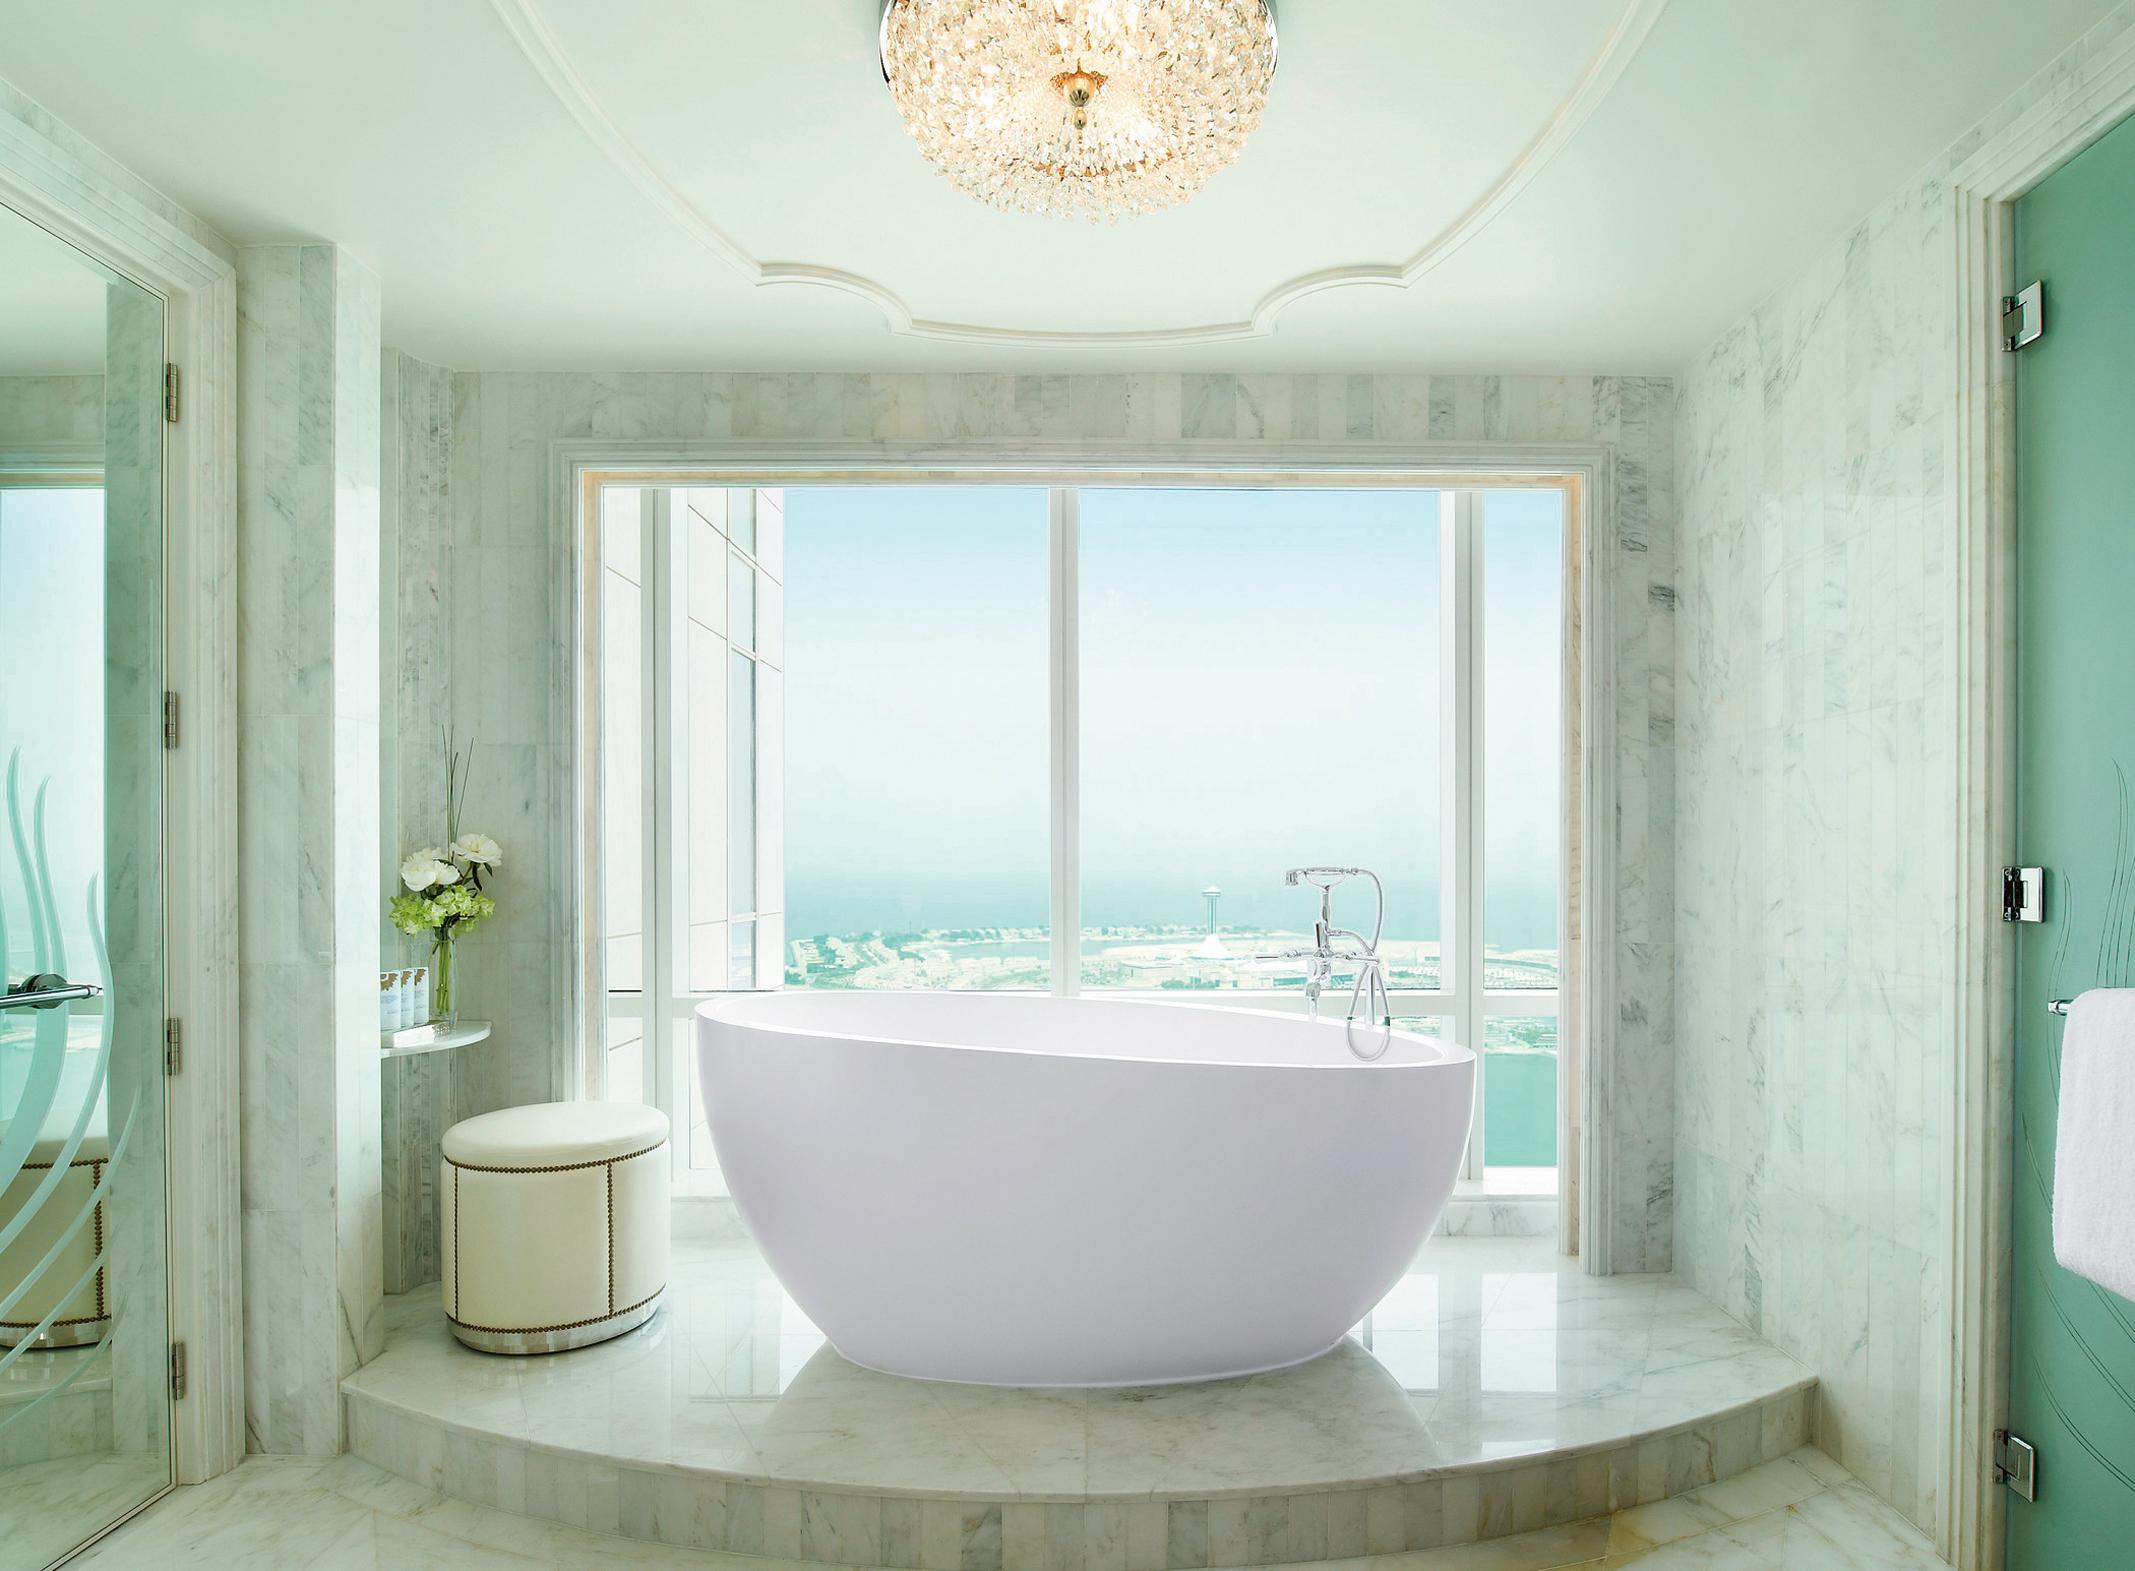 SR Abu Dhabi_Grand Deluxe Suite Bathroom.jpg